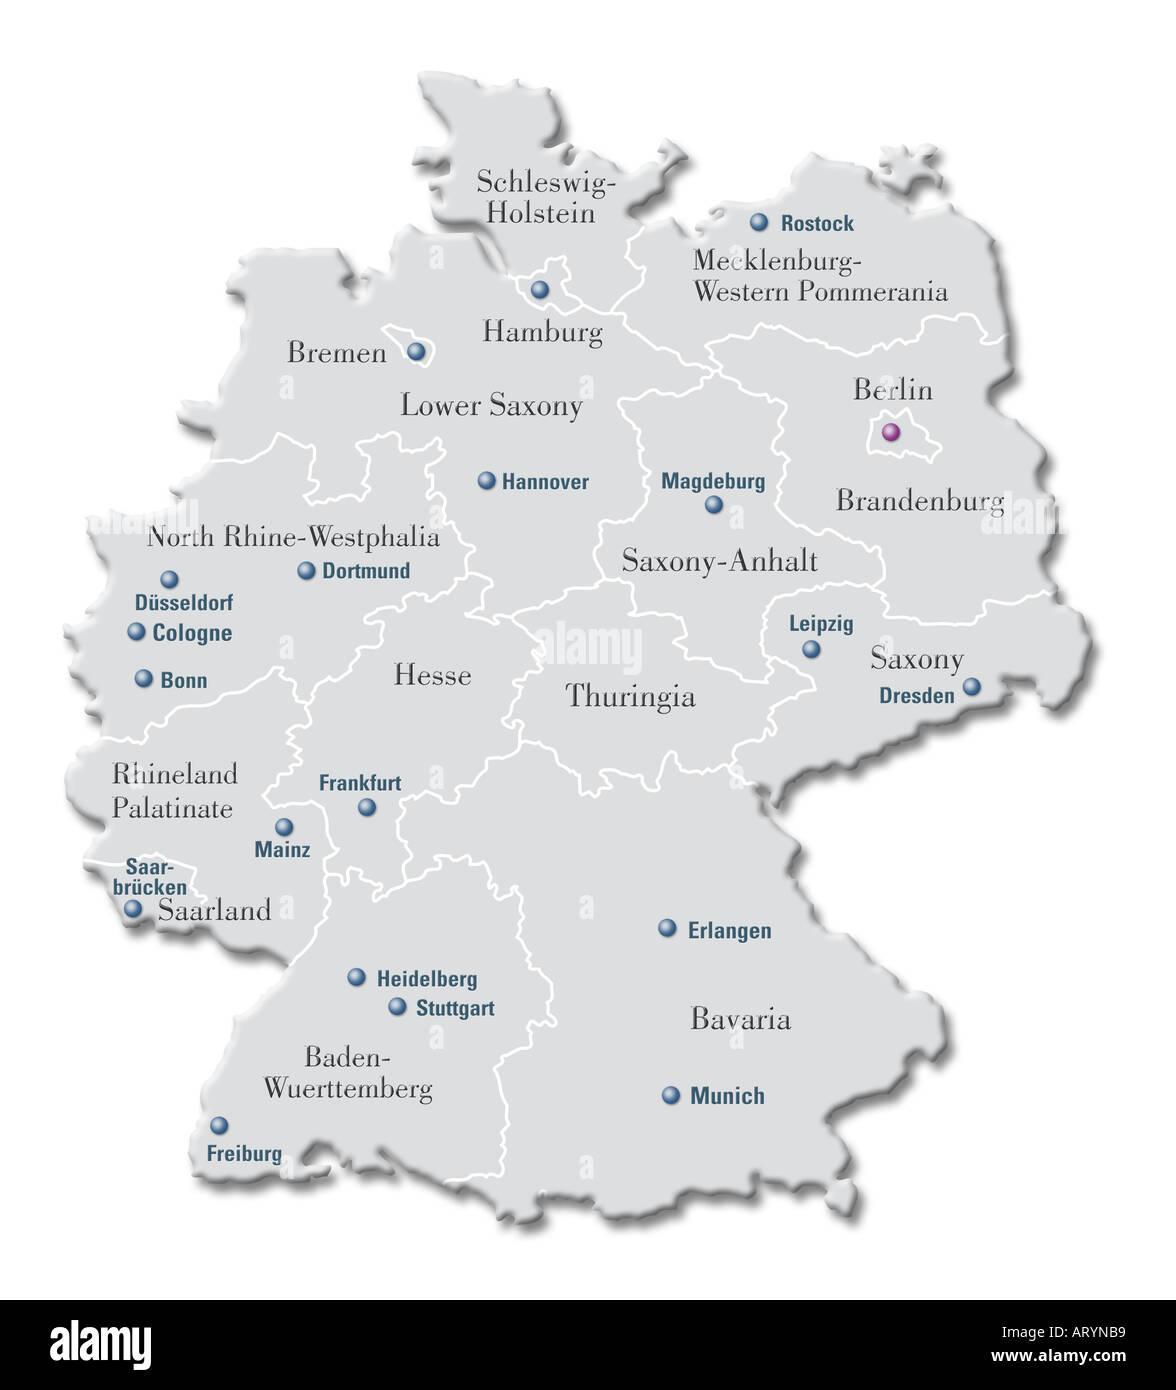 Erlangen Karte Deutschland.Deutschland Karte Computer Illustration Isoliert Auf Weiss